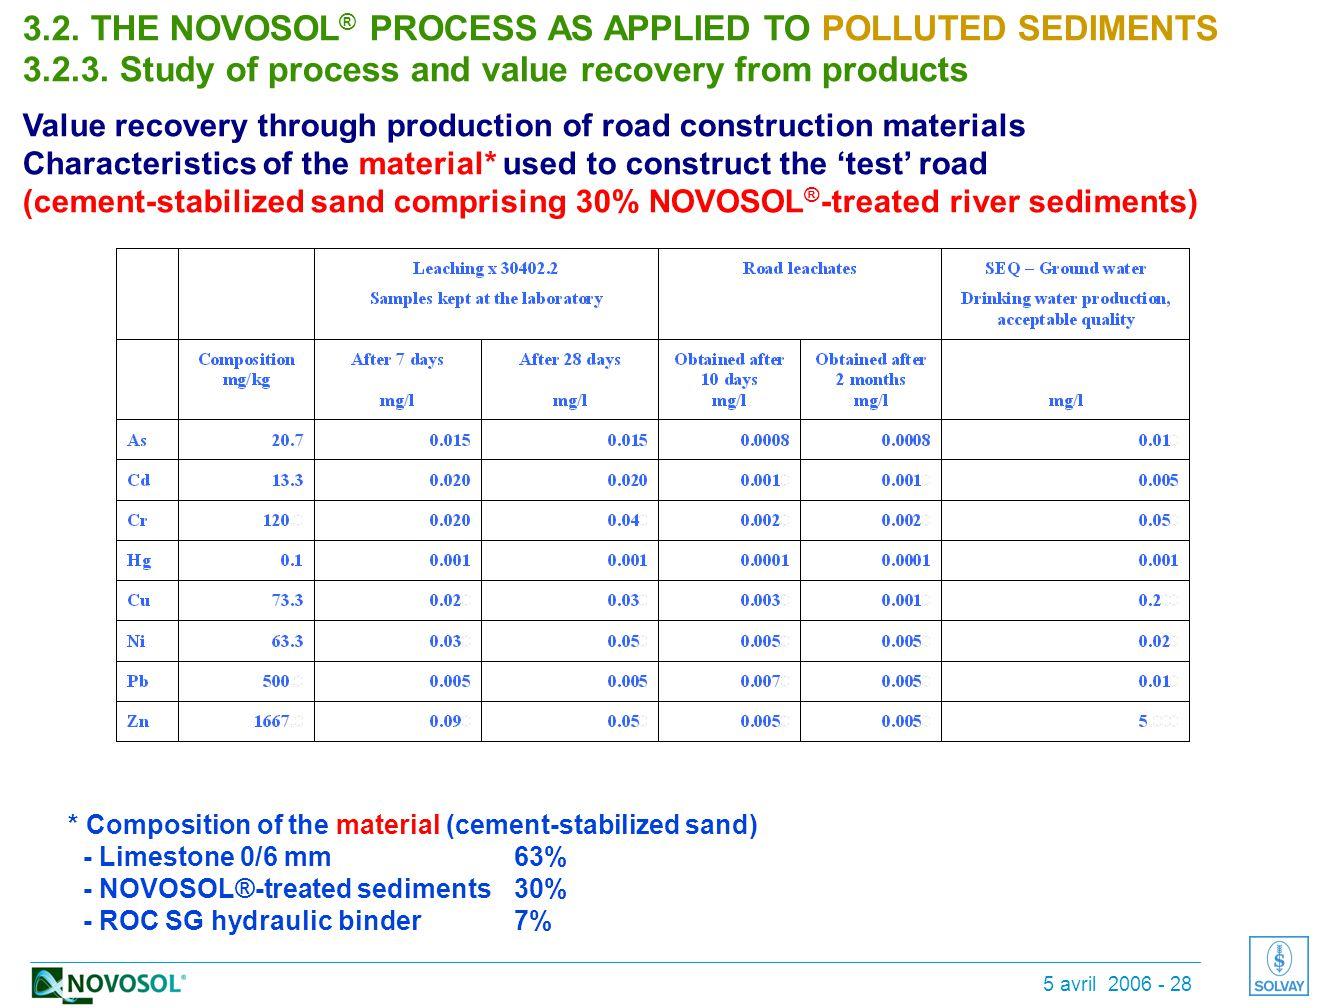 5 avril 2006 - 28 * cas de percolation contaminée par de la chaux répandue sur la route * Composition of the material (cement-stabilized sand) - Limestone 0/6 mm63% - NOVOSOL®-treated sediments30% - ROC SG hydraulic binder7% 3.2.